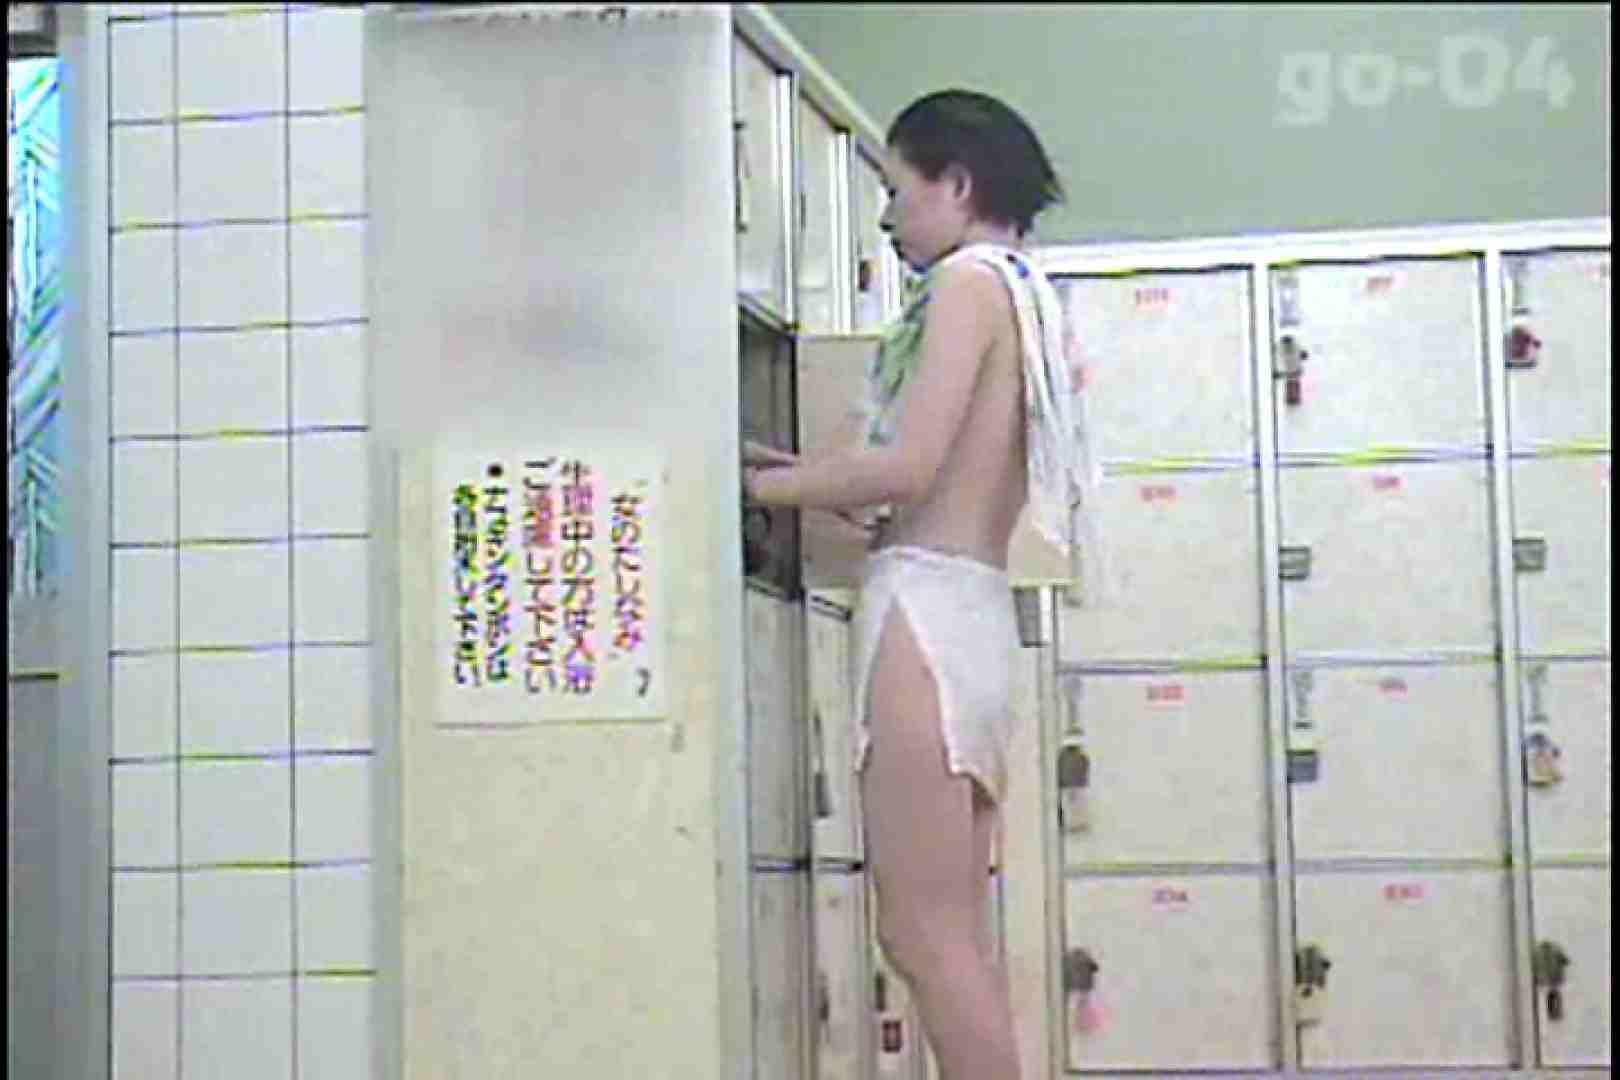 電波カメラ設置浴場からの防HAN映像 Vol.04 チラ見せ  102PIX 24